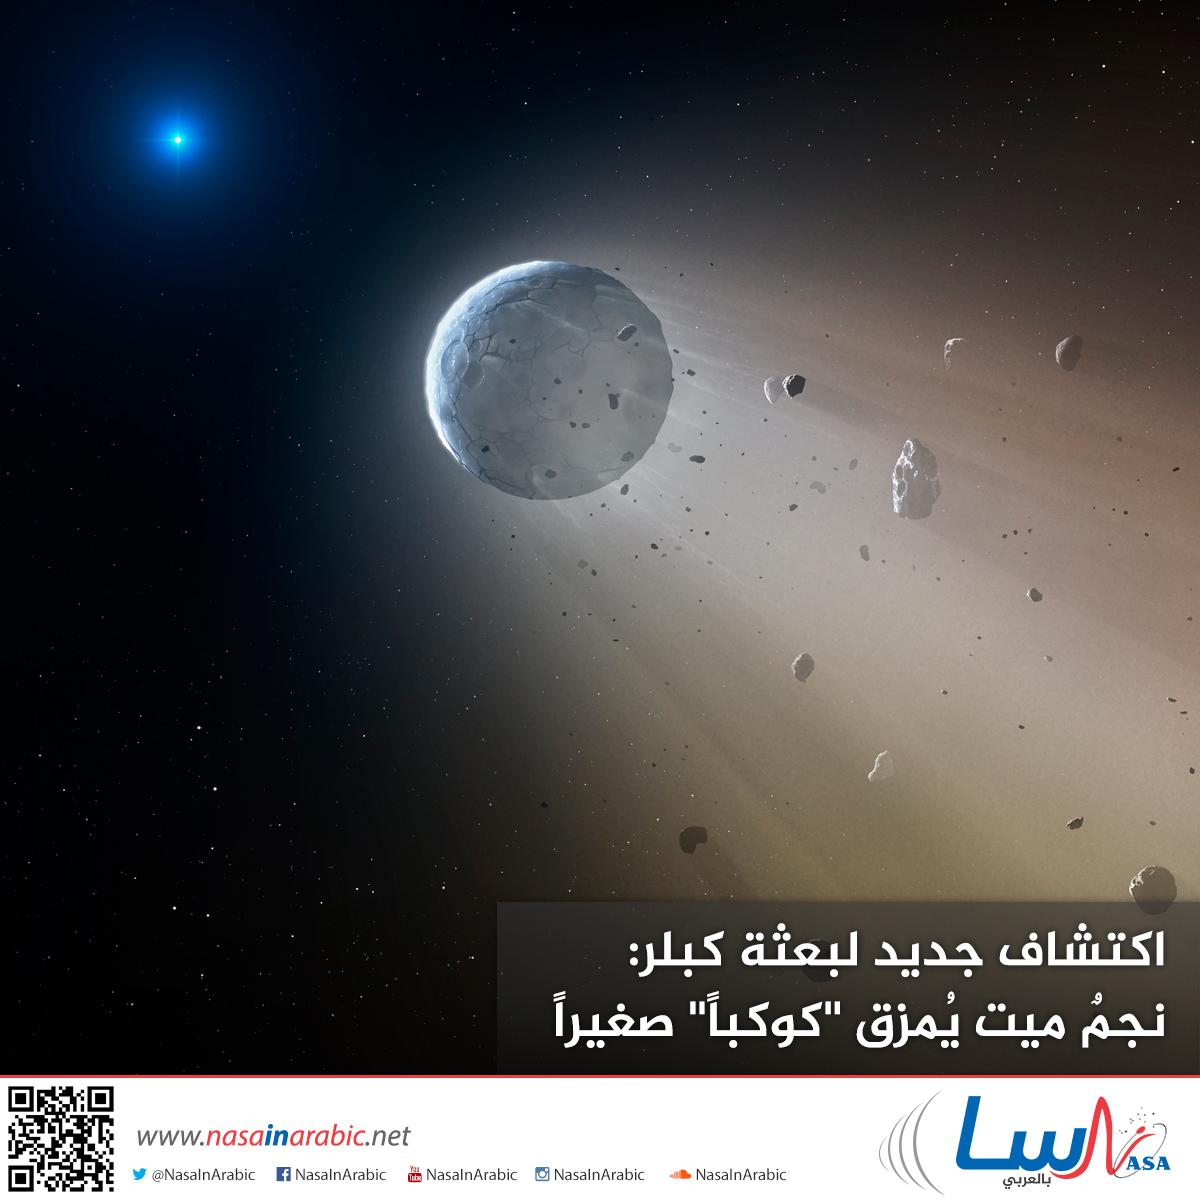 اكتشاف جديد لبعثة كبلر: نجمٌ ميت يُمزق ''كوكباً'' صغيراً